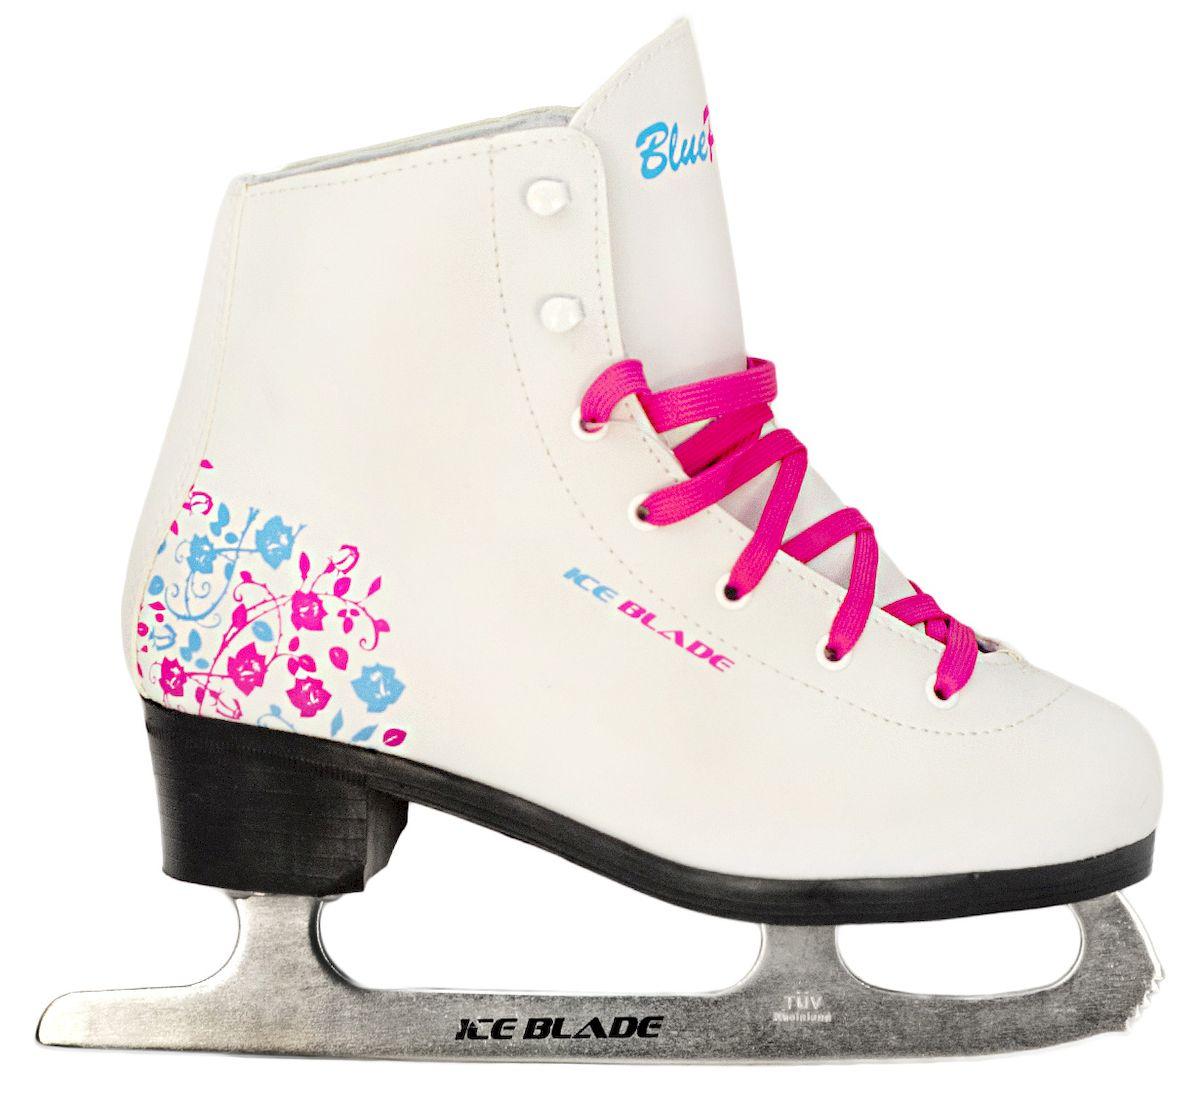 Коньки фигурные Ice Blade BluePink, цвет: белый, розовый, голубой. УТ-00006869. Размер 34УТ-00006869Коньки фигурные Ice Blade BluePink предназначены для любительского фигурного катания. Яркий и нестандартный дизайн модели BluePink совмещает голубой и розовый цвет. Более того, в комплекте помимо розовых шнурков идет пара голубых, пусть каждая любительница катания на коньках выберет для себя, какой цвет ей больше по душе.Ботинок анатомической конструкции выполнен из высококачественной искусственной кожи, покрытой полиуретаном, защищающим от влаги. Внутренняя набивка из специального материала, комфортно адаптирующегося к форме ноги. Внутренняя отделка из мягкого вельвета.Лезвия изготовлены из высокоуглеродистой стали, сертифицированной TUV Rheiland. Коньки поставляются с заводской заточкой лезвия, что позволяет сразу приступить к катанию, не тратя время и денег на заточку. Коньки подходят для использования на открытом и закрытом льду.